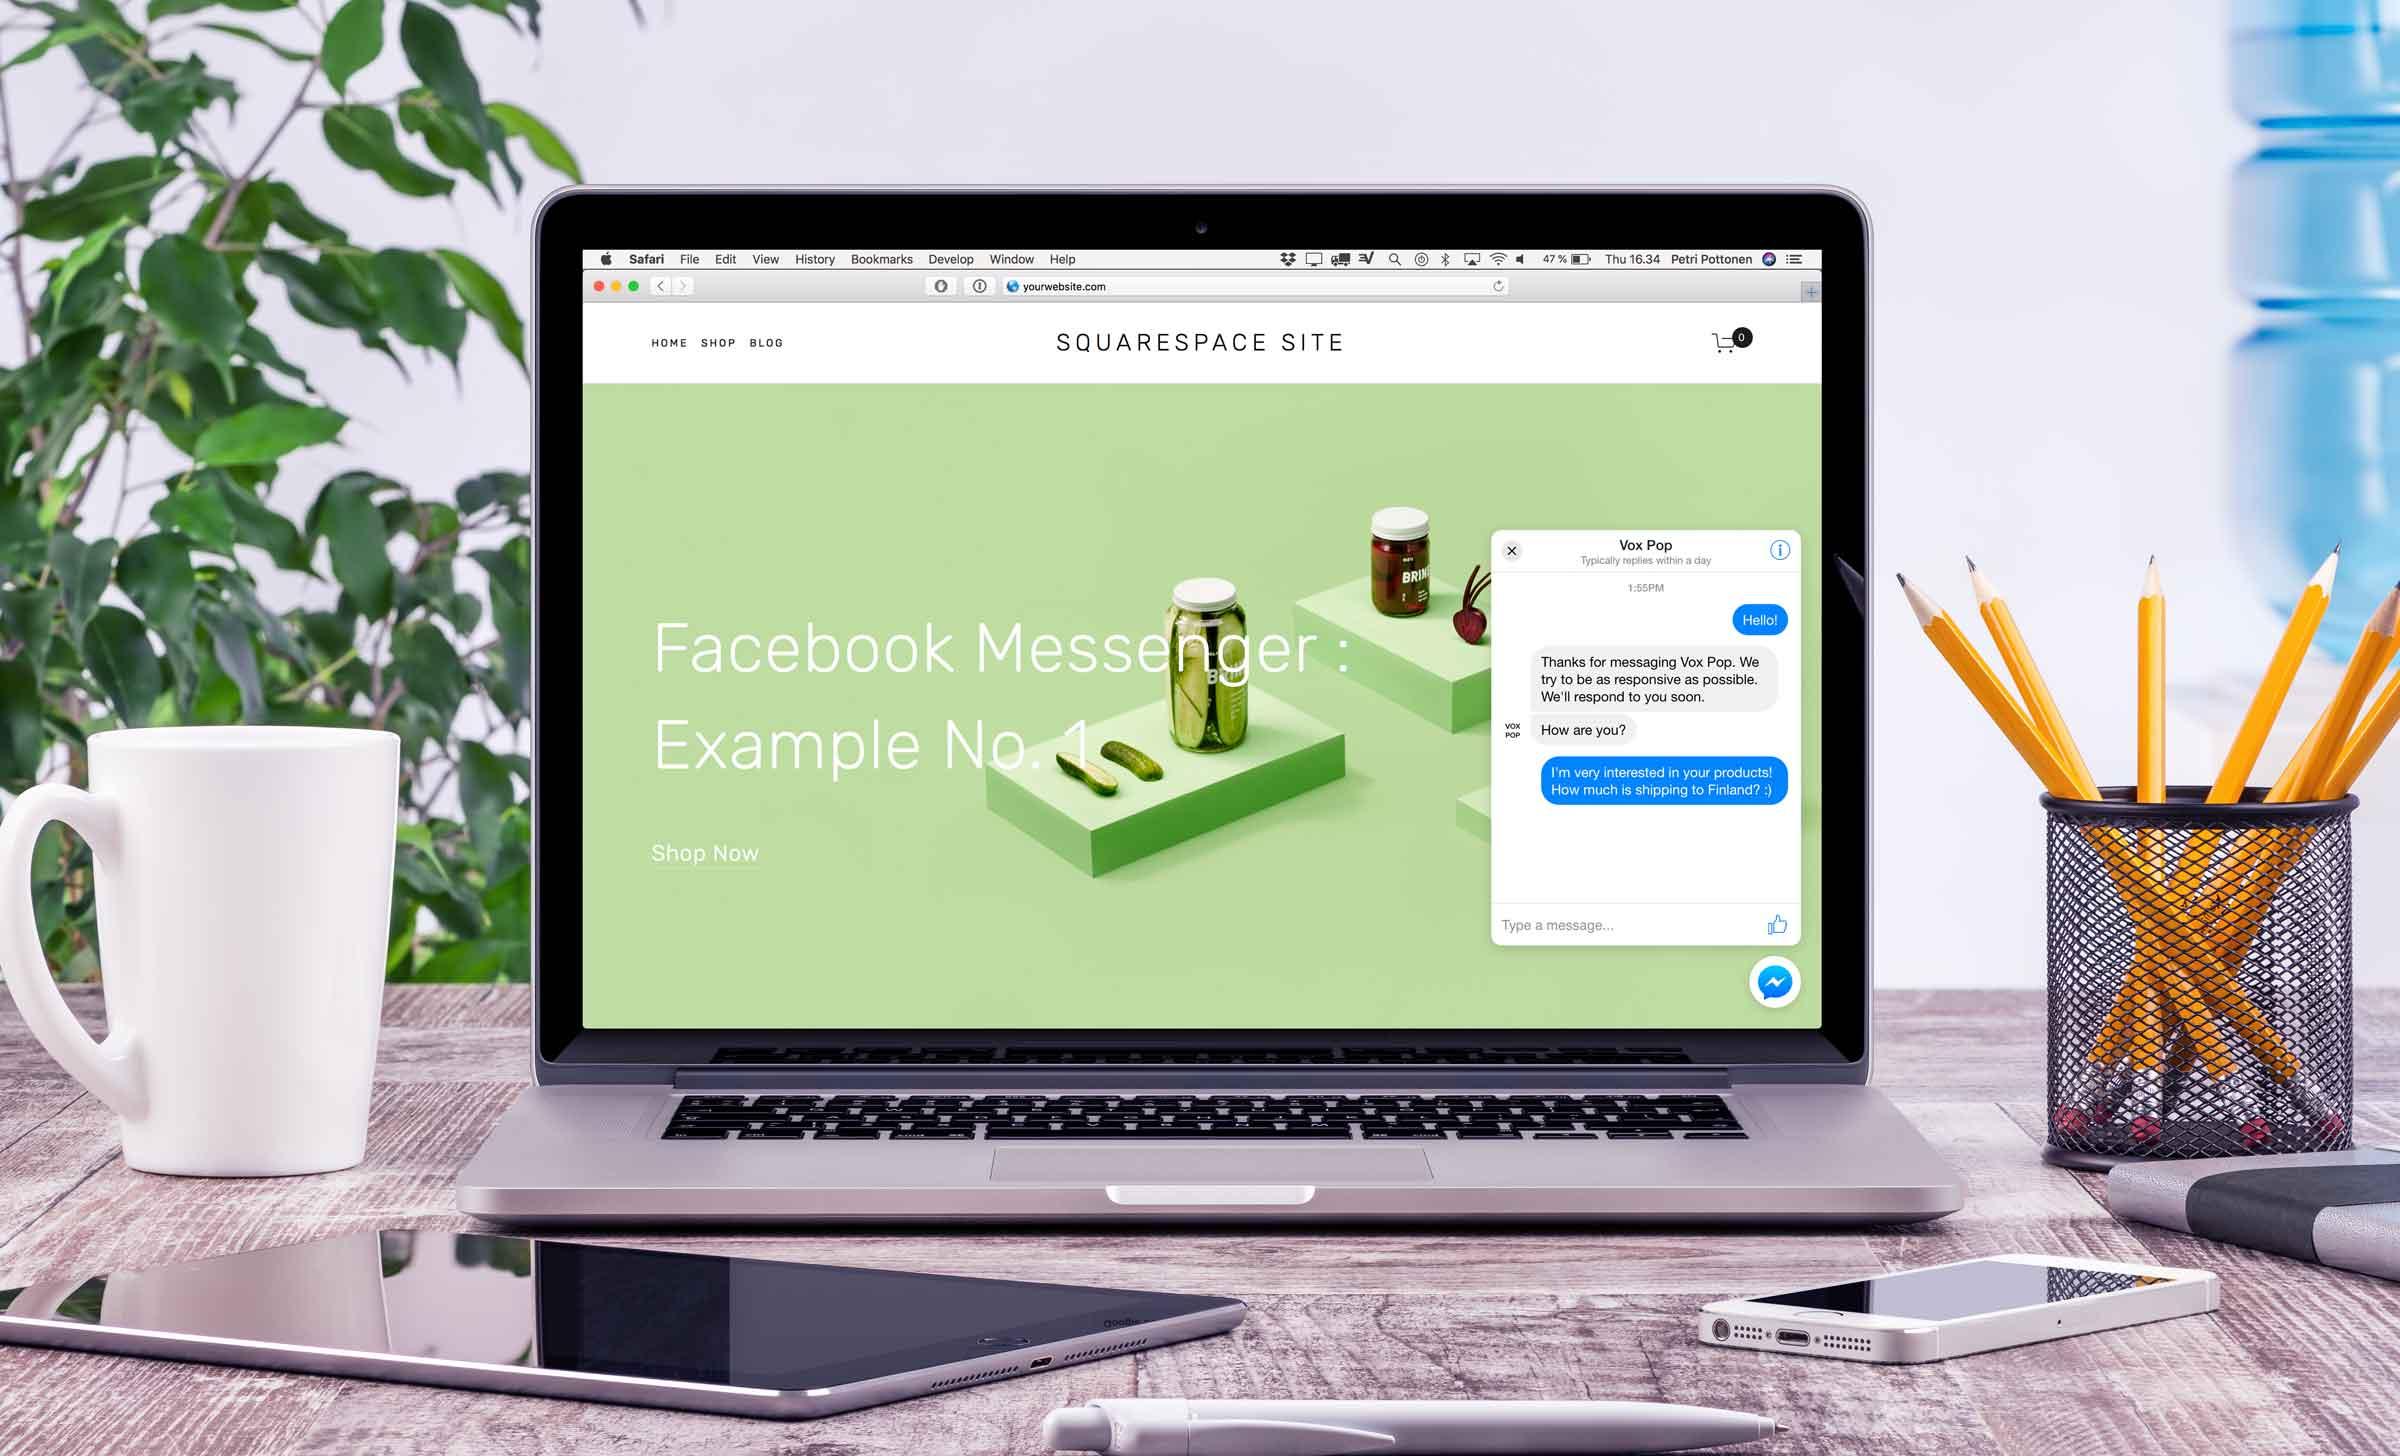 deposit-photos-macbook-mockup1.jpg